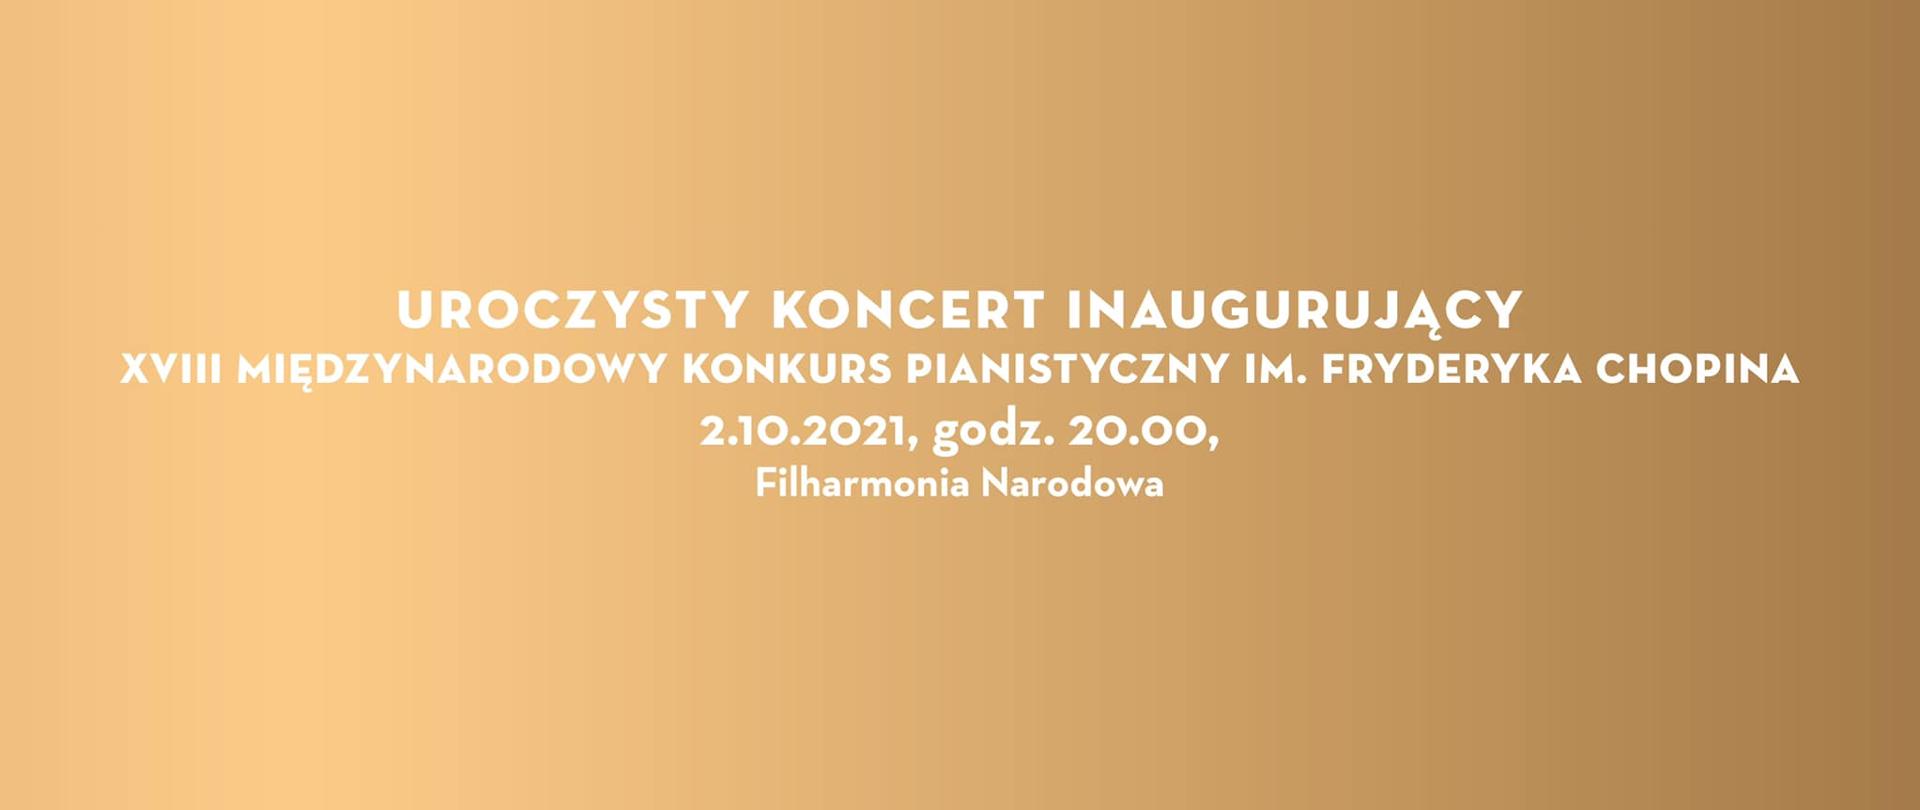 Koncert inaugurujący XVIII Międzynarodowy Konkurs Pianistyczny im. Fryderyka Chopina